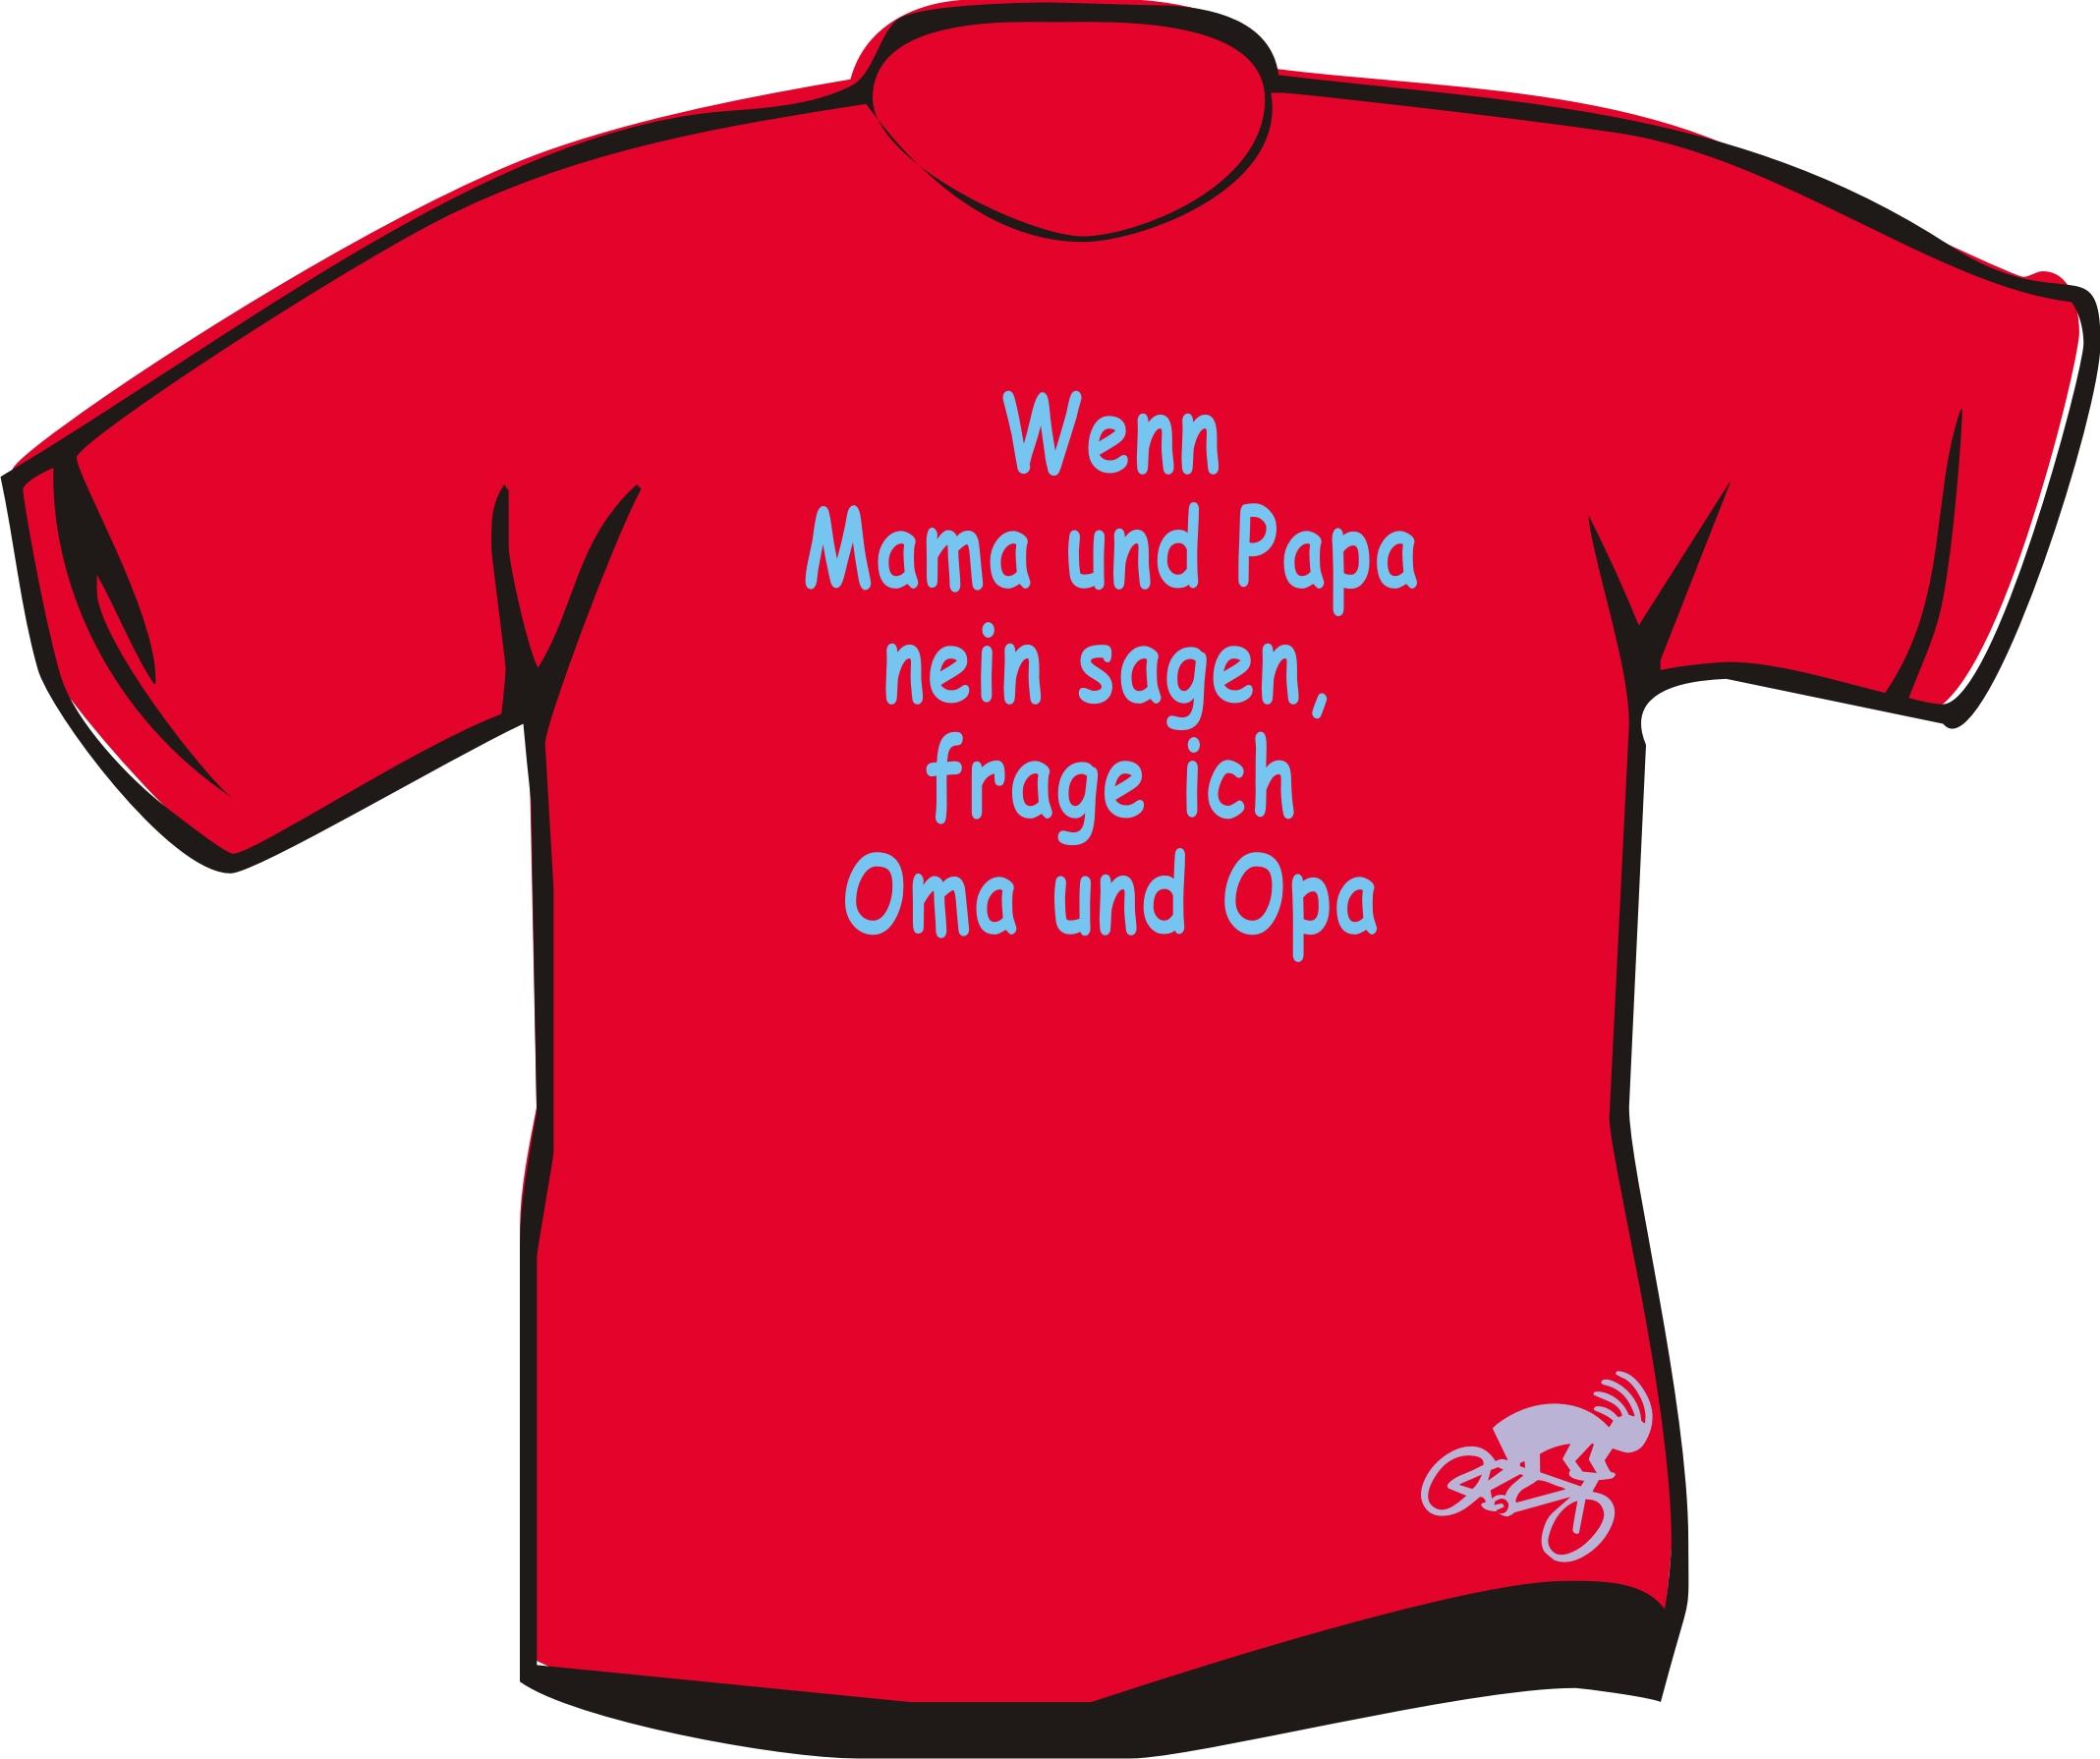 t-shirt, textildruck berlin, sehr gute qualität, günstig kaufen